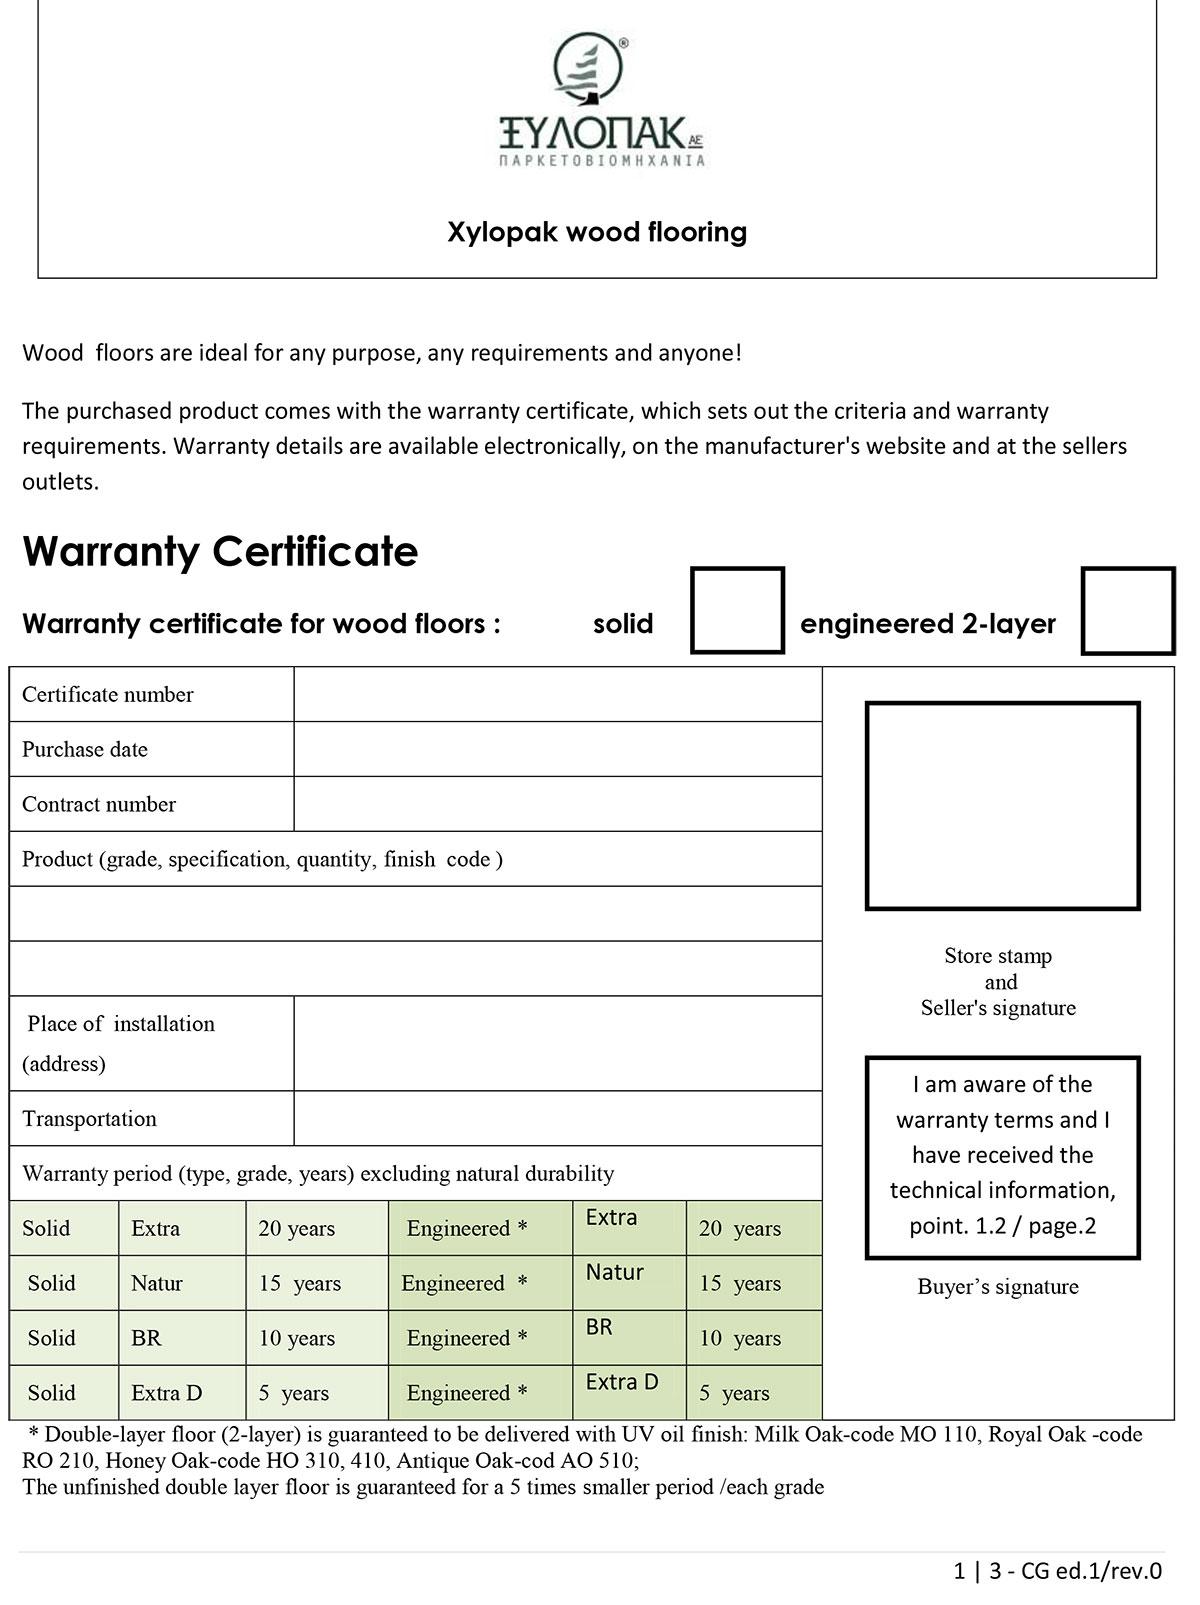 warranty-certificate---Xylopak-S